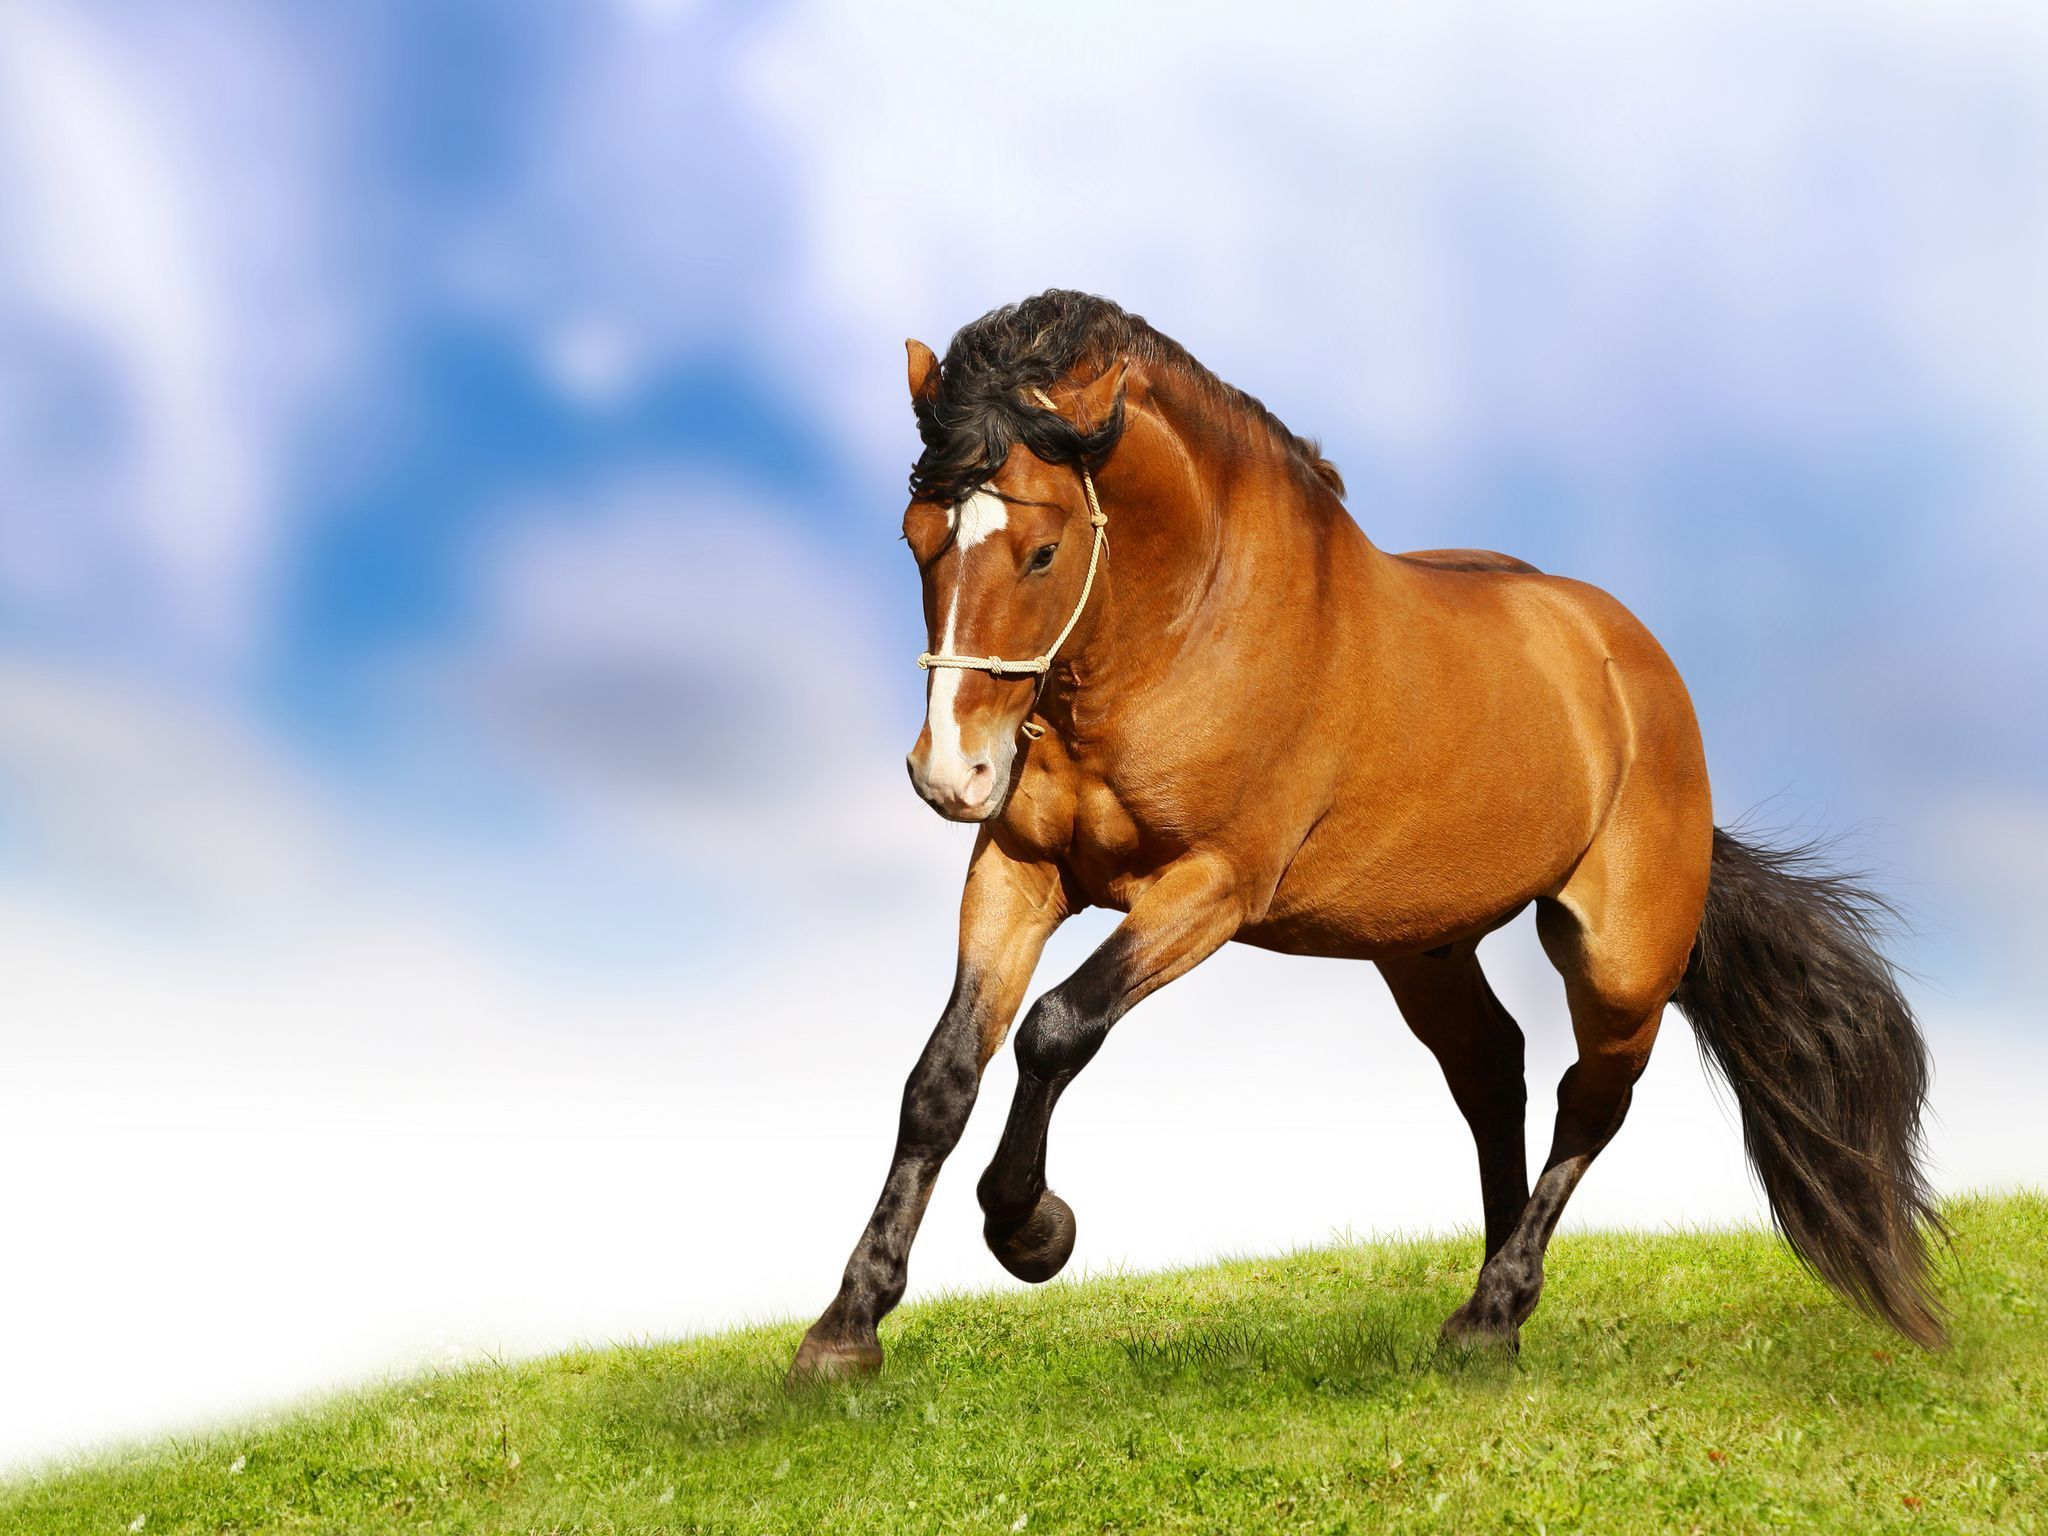 Beautiful Horses Wallpapers Top Free Beautiful Horses Backgrounds Wallpaperaccess